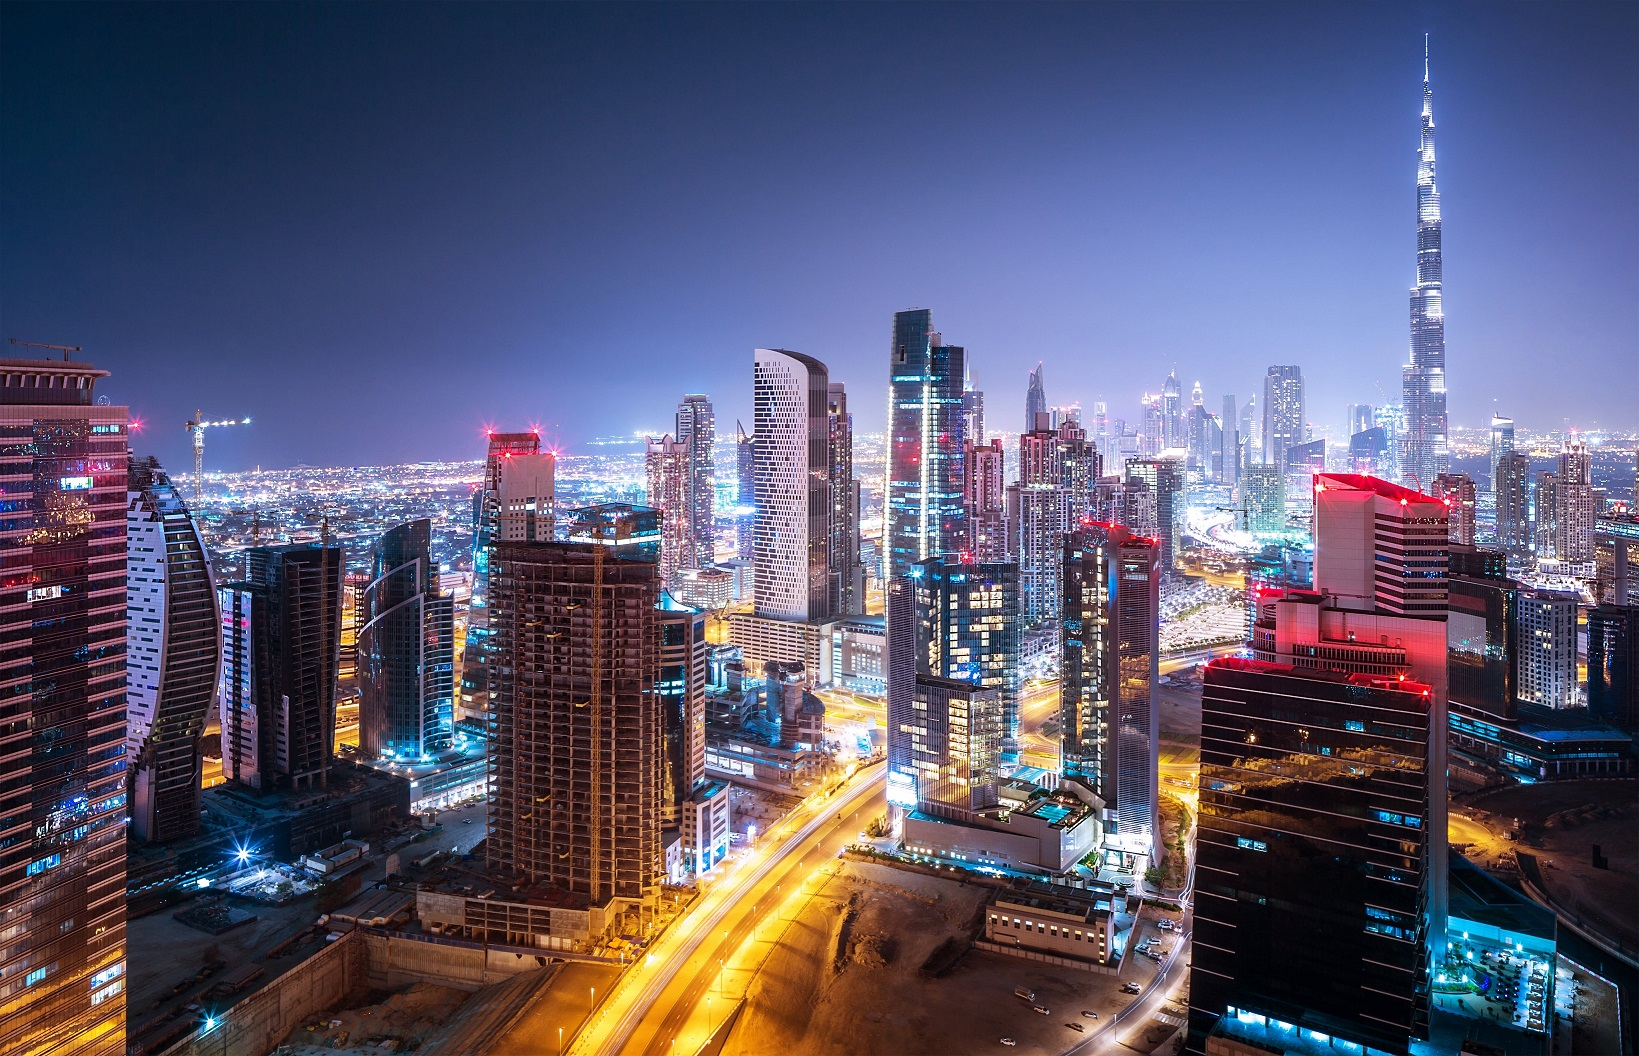 بلدية دبي تخطر الفنادق بإعادة الرسوم إلى 7%